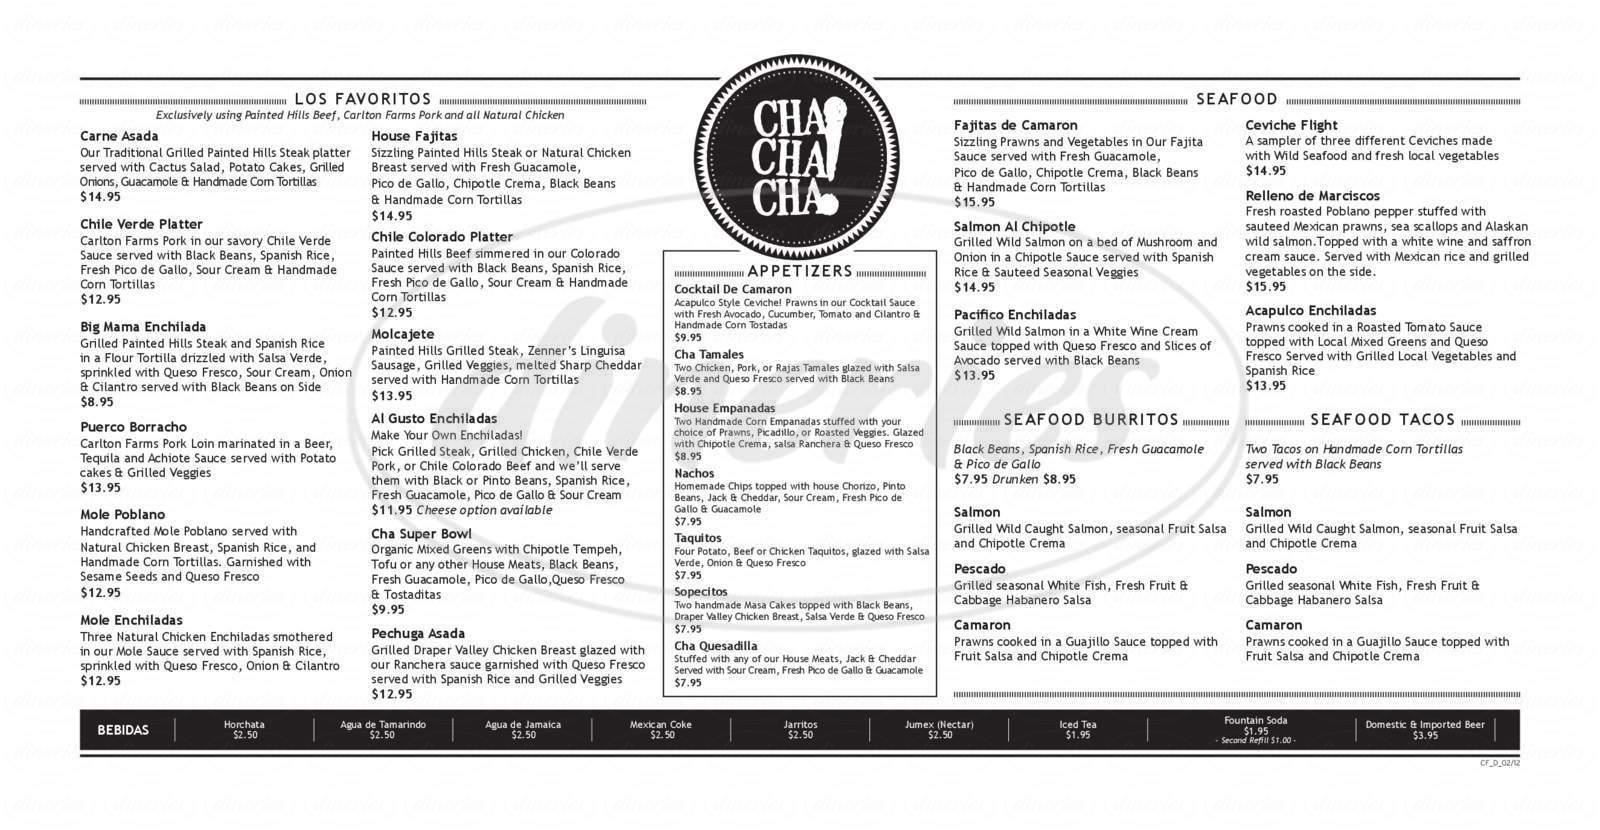 menu for Cha! Cha! Cha!